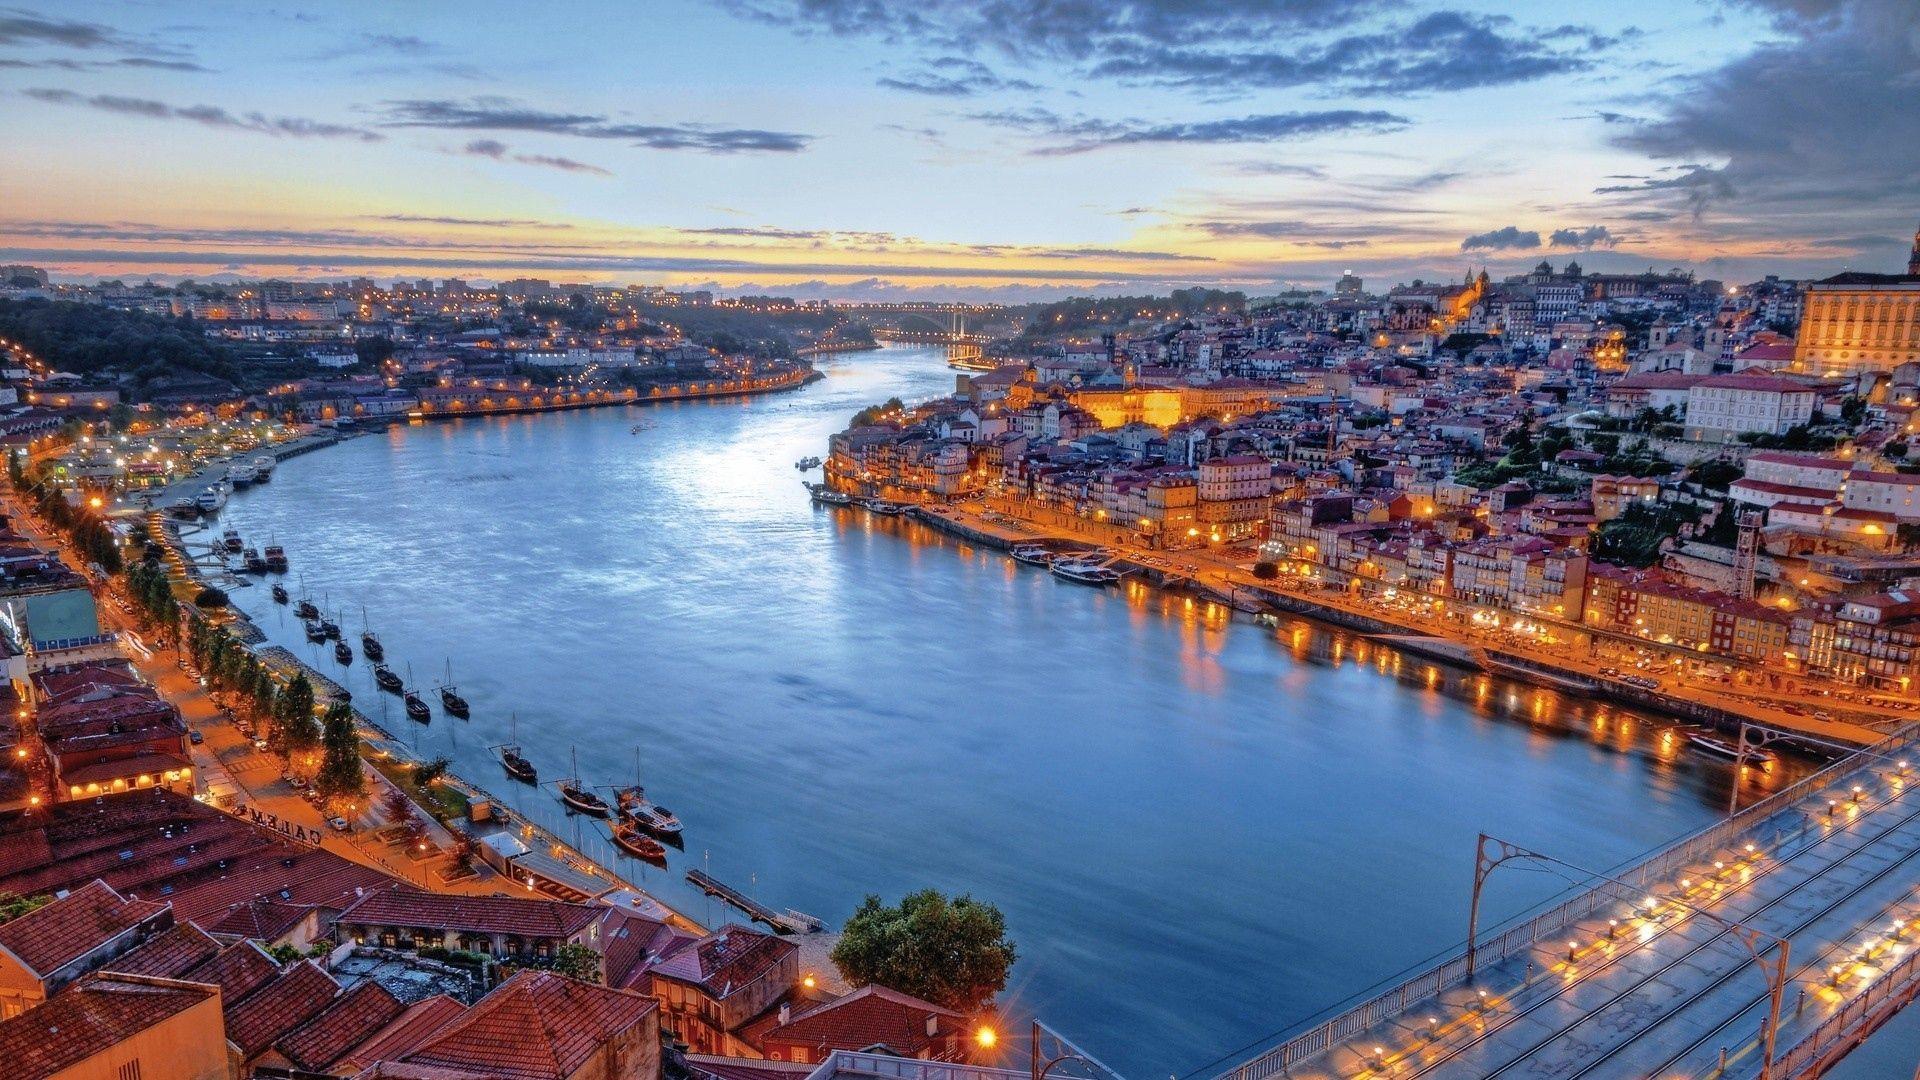 شهر لیبسون پرتغال در نمای غروب آفتاب